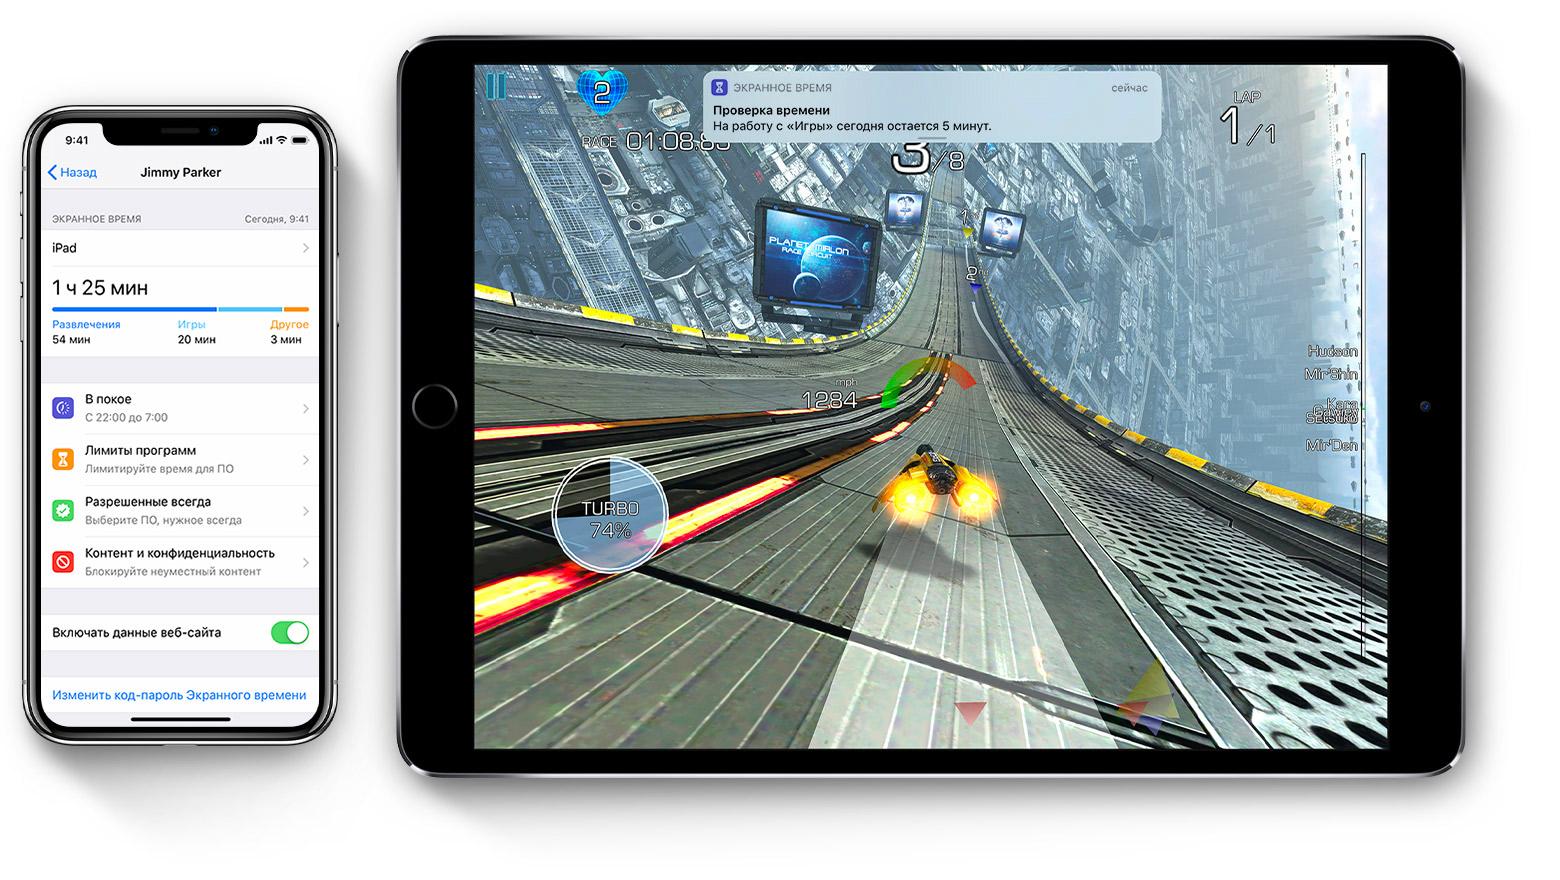 iPhone с запущенной функцией «Экранное время» (на экране отображаются сведения об использовании), iPad с запущенной функцией «Проверка времени» (на экране показано, что осталось 5минут)